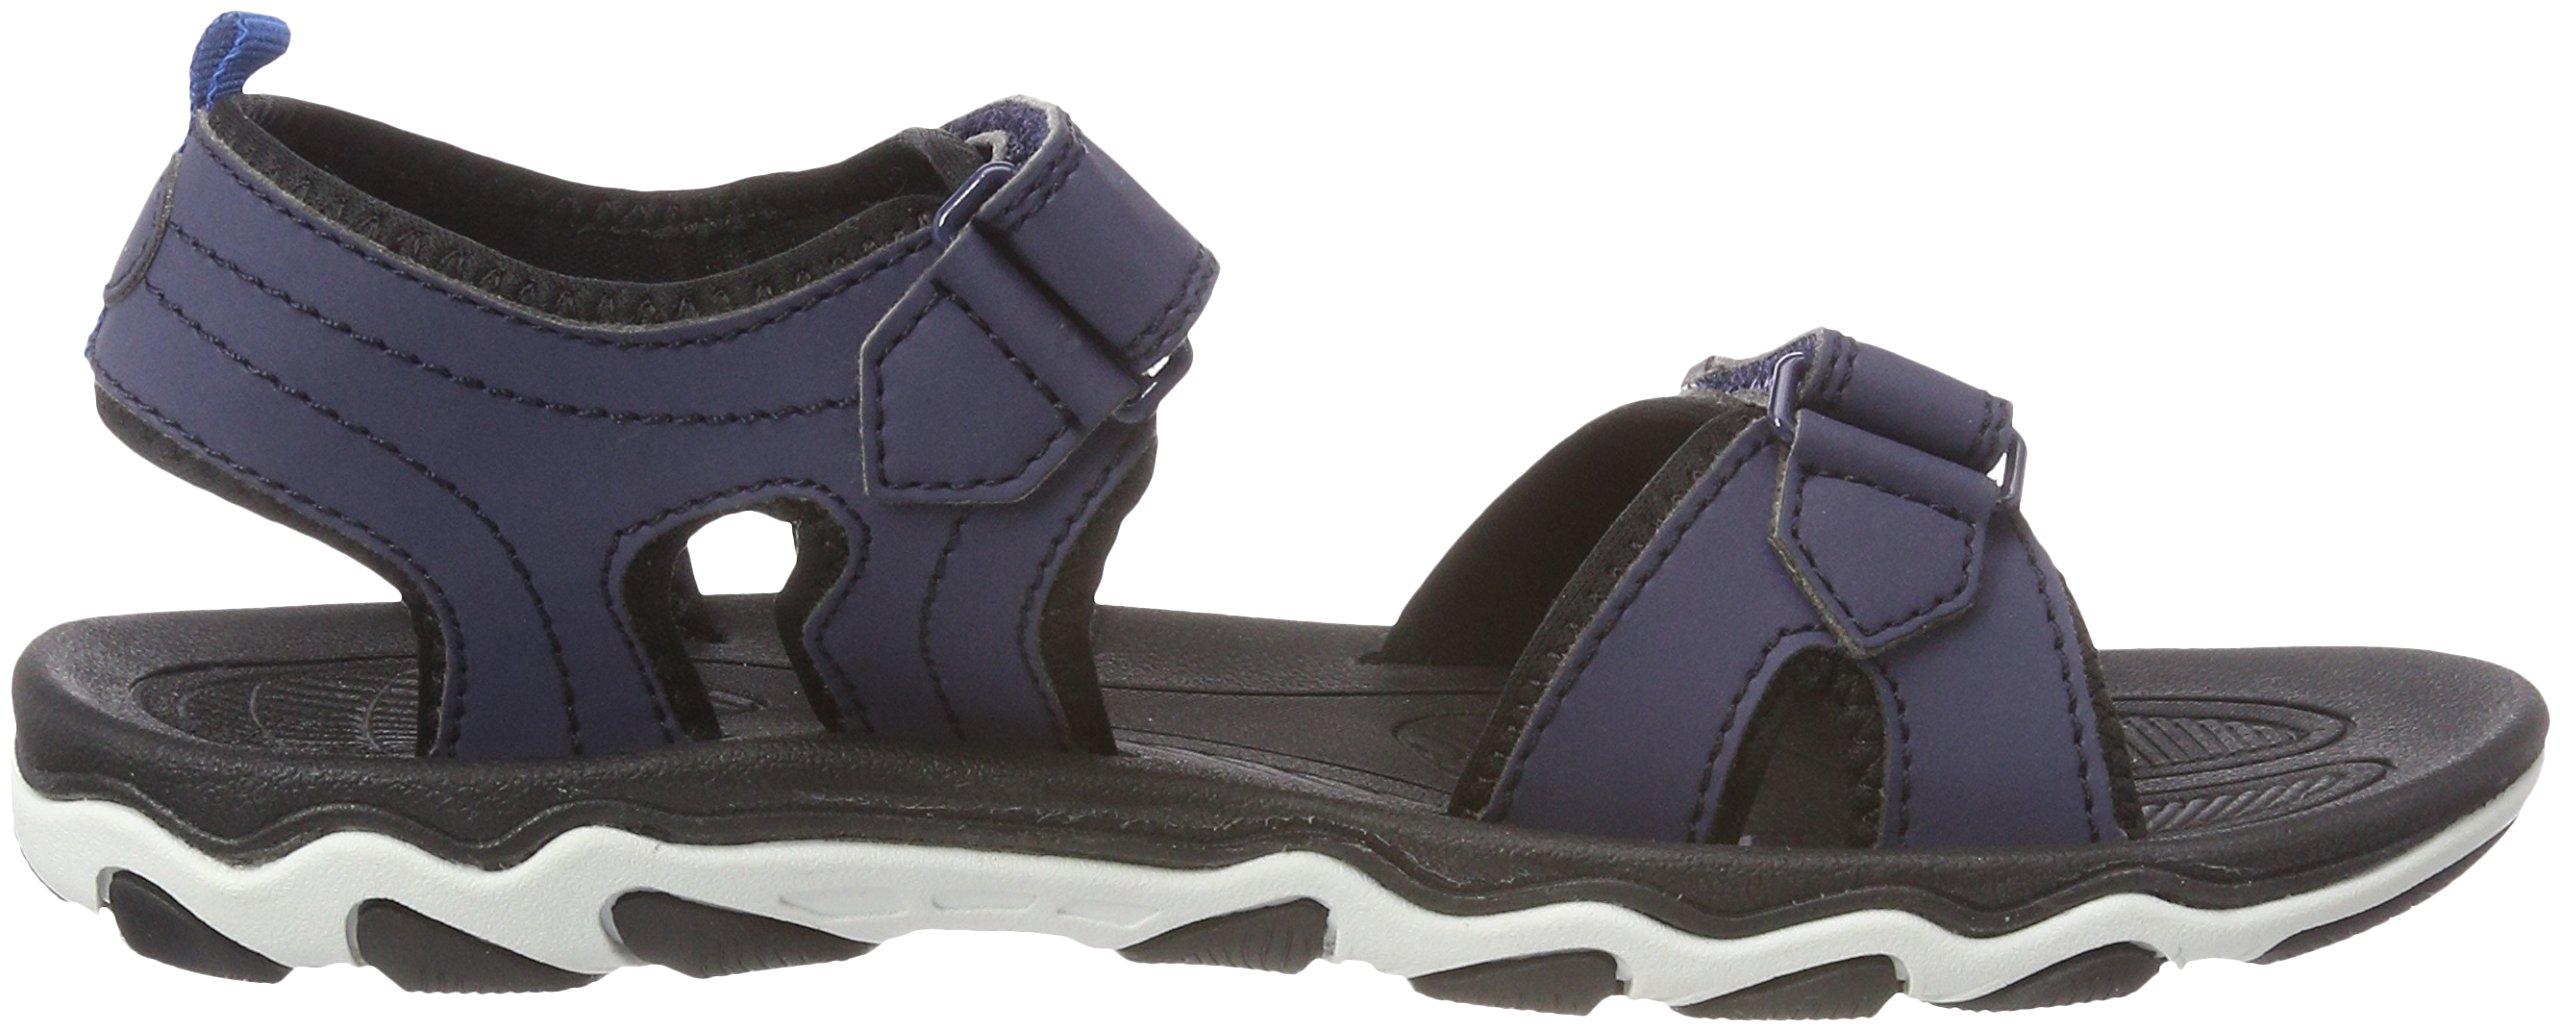 Hummel Kids Sport Sandals, Peacoat, 64-515-7666 (2.5 US) by Hummel (Image #6)